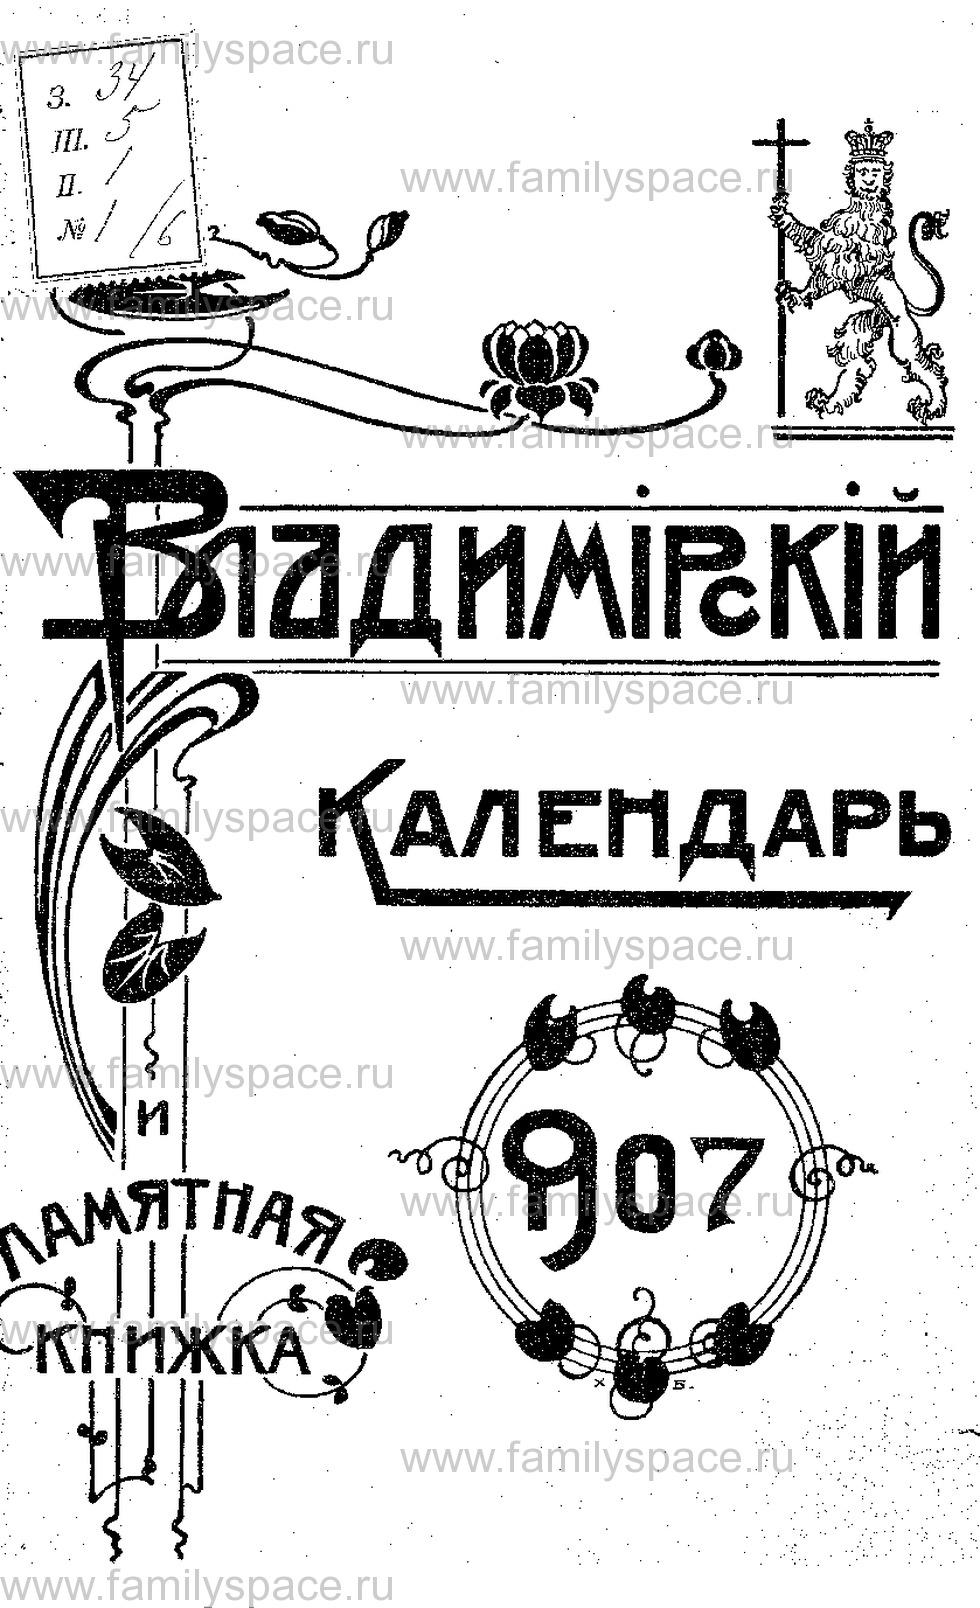 Поиск по фамилии - Владимирский календарь и памятная книжка на 1907 г, страница 1